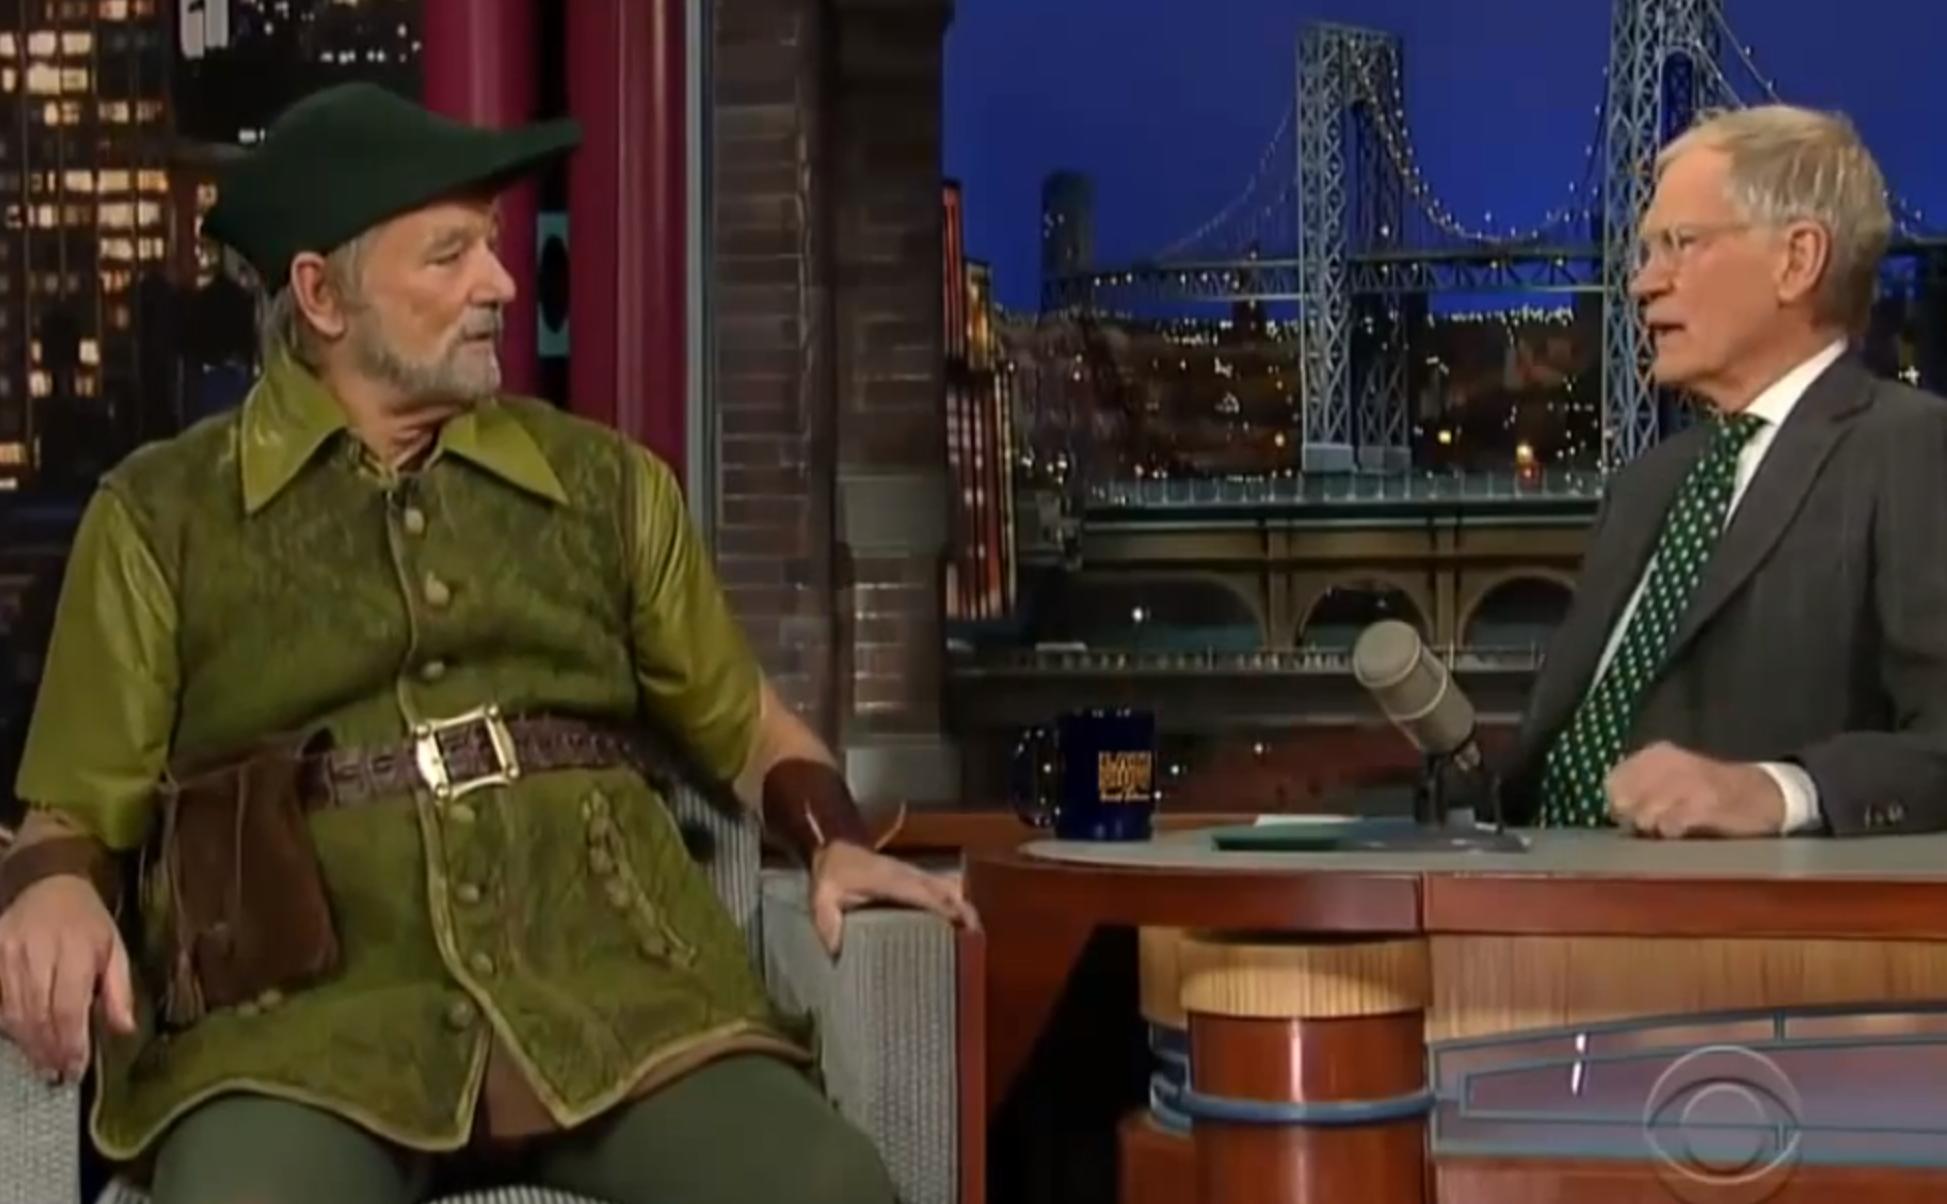 David Letterman And Bill Murray: A Beautiful Modern Bromance